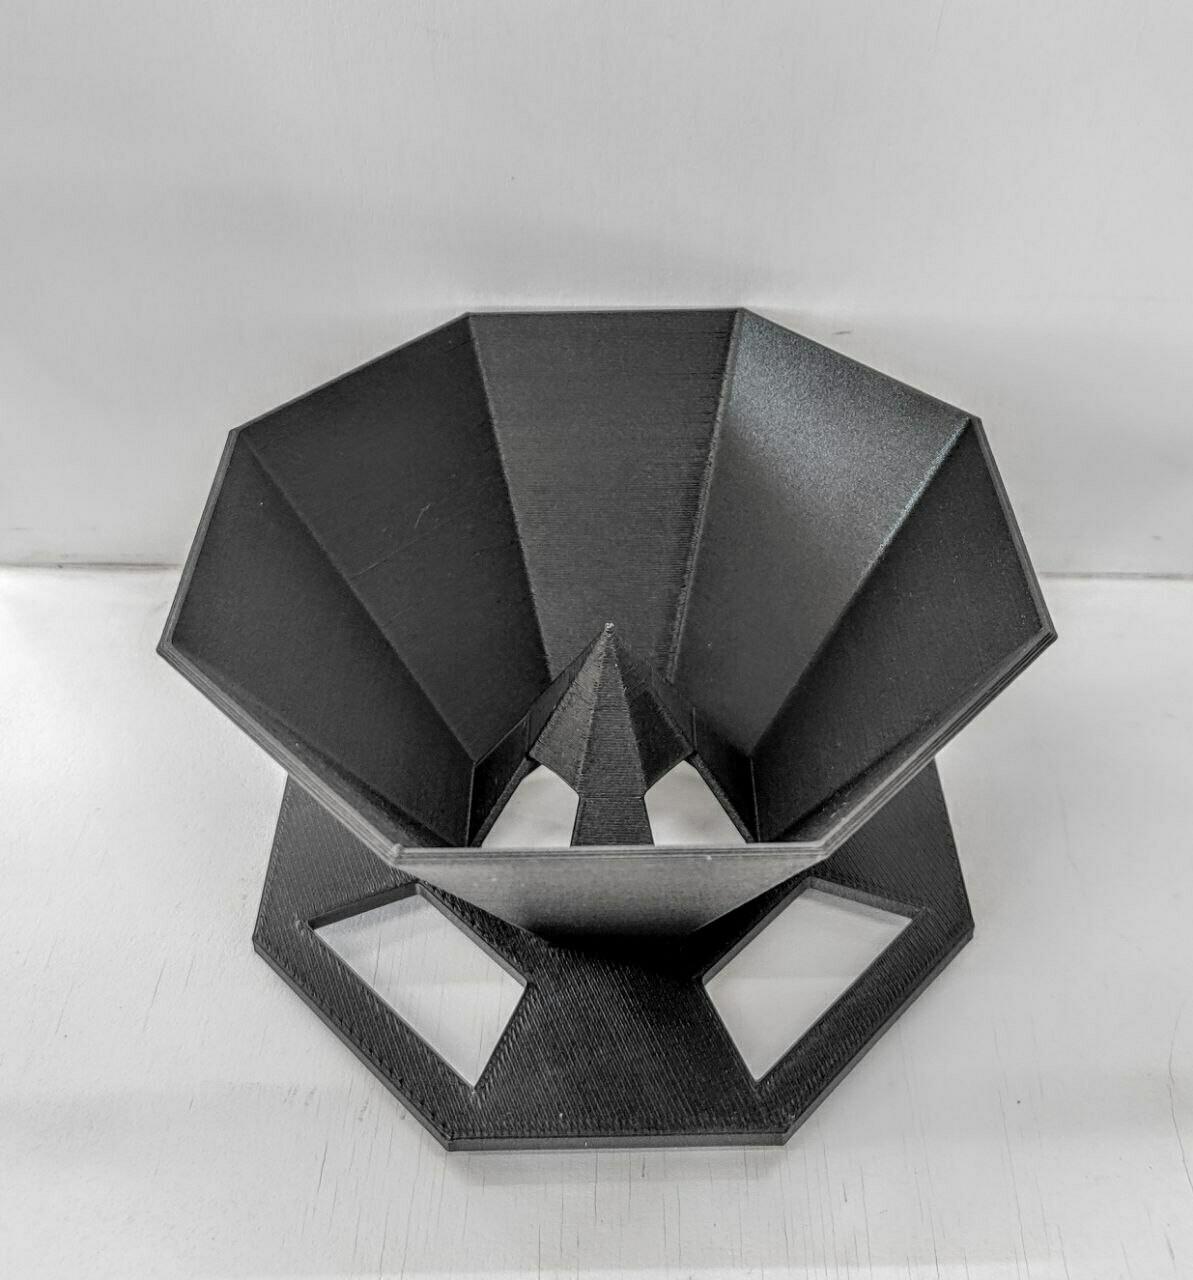 Воронка для заваривания кофе от Сергея Сепанчука